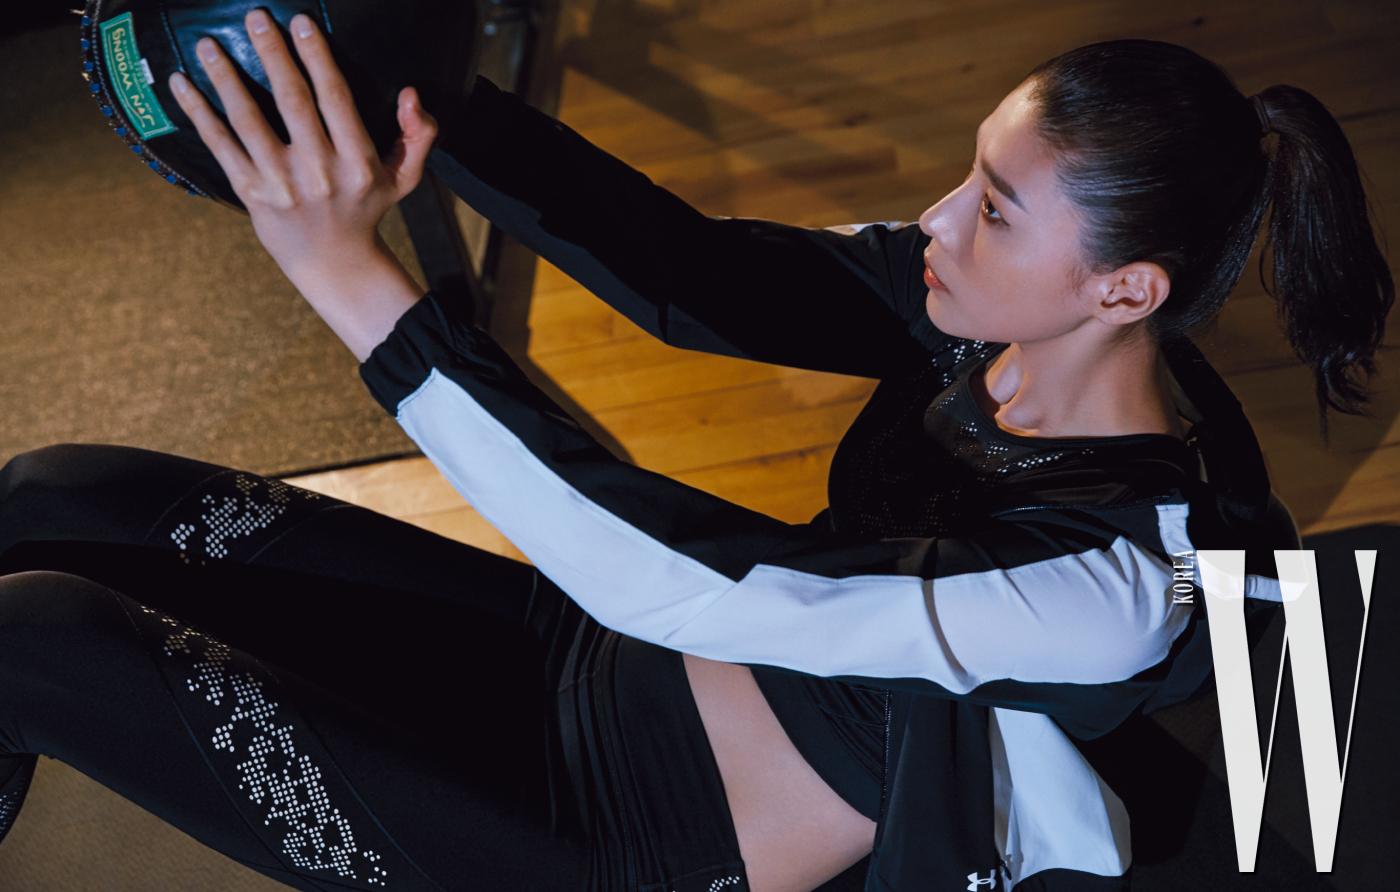 방수 기능과 통기성을 제공하고 뒤트임으로 활동성이 뛰어난 재킷과 뒷면에 반지퍼가 있는 크롭트 톱, 패턴 프린트의 레깅스는 모두 Under Armour 제품.